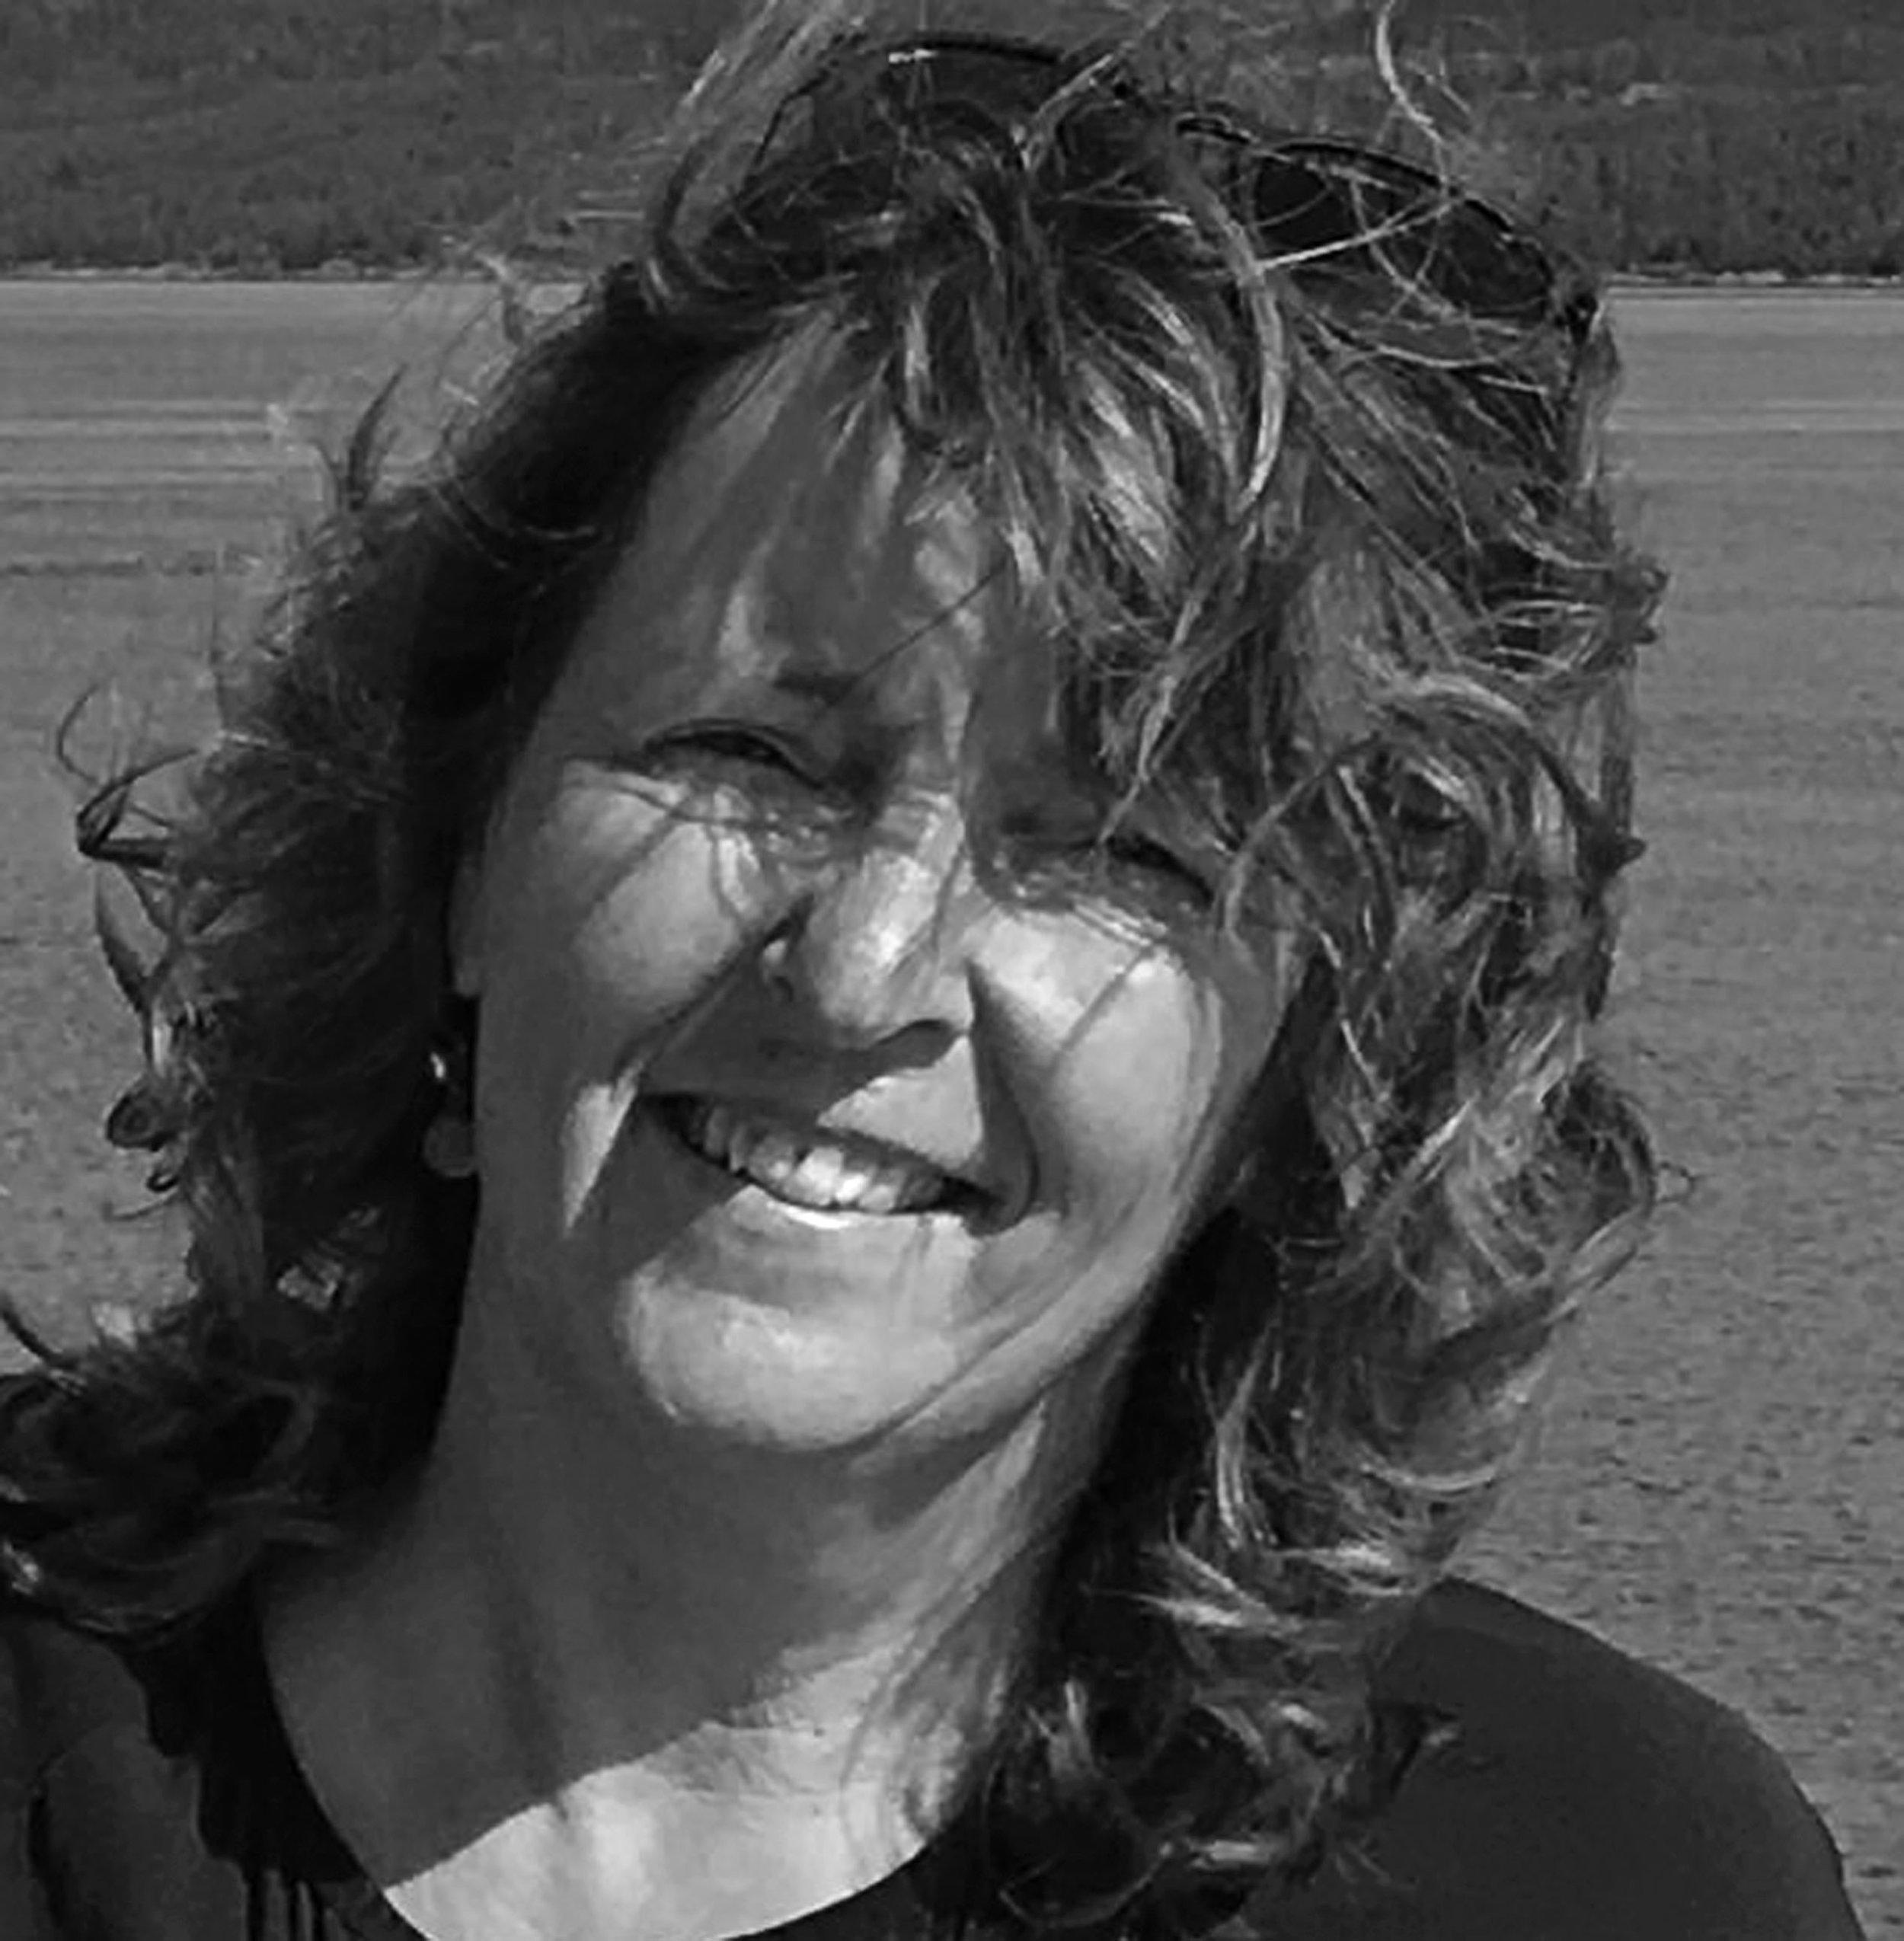 Agnes Esenkbrink - Mijn werk bestaat uit drie onderdelen: Woorden in beeld, Beelden in steen en Grafische beelden.Via beelden communiceren we met elkaar. Overal om ons heen zien we die beeldtaal, met andere woorden: communicatie. Die communicatie fascineert me. Hoe kun je op allerlei manieren iets uitdrukken?